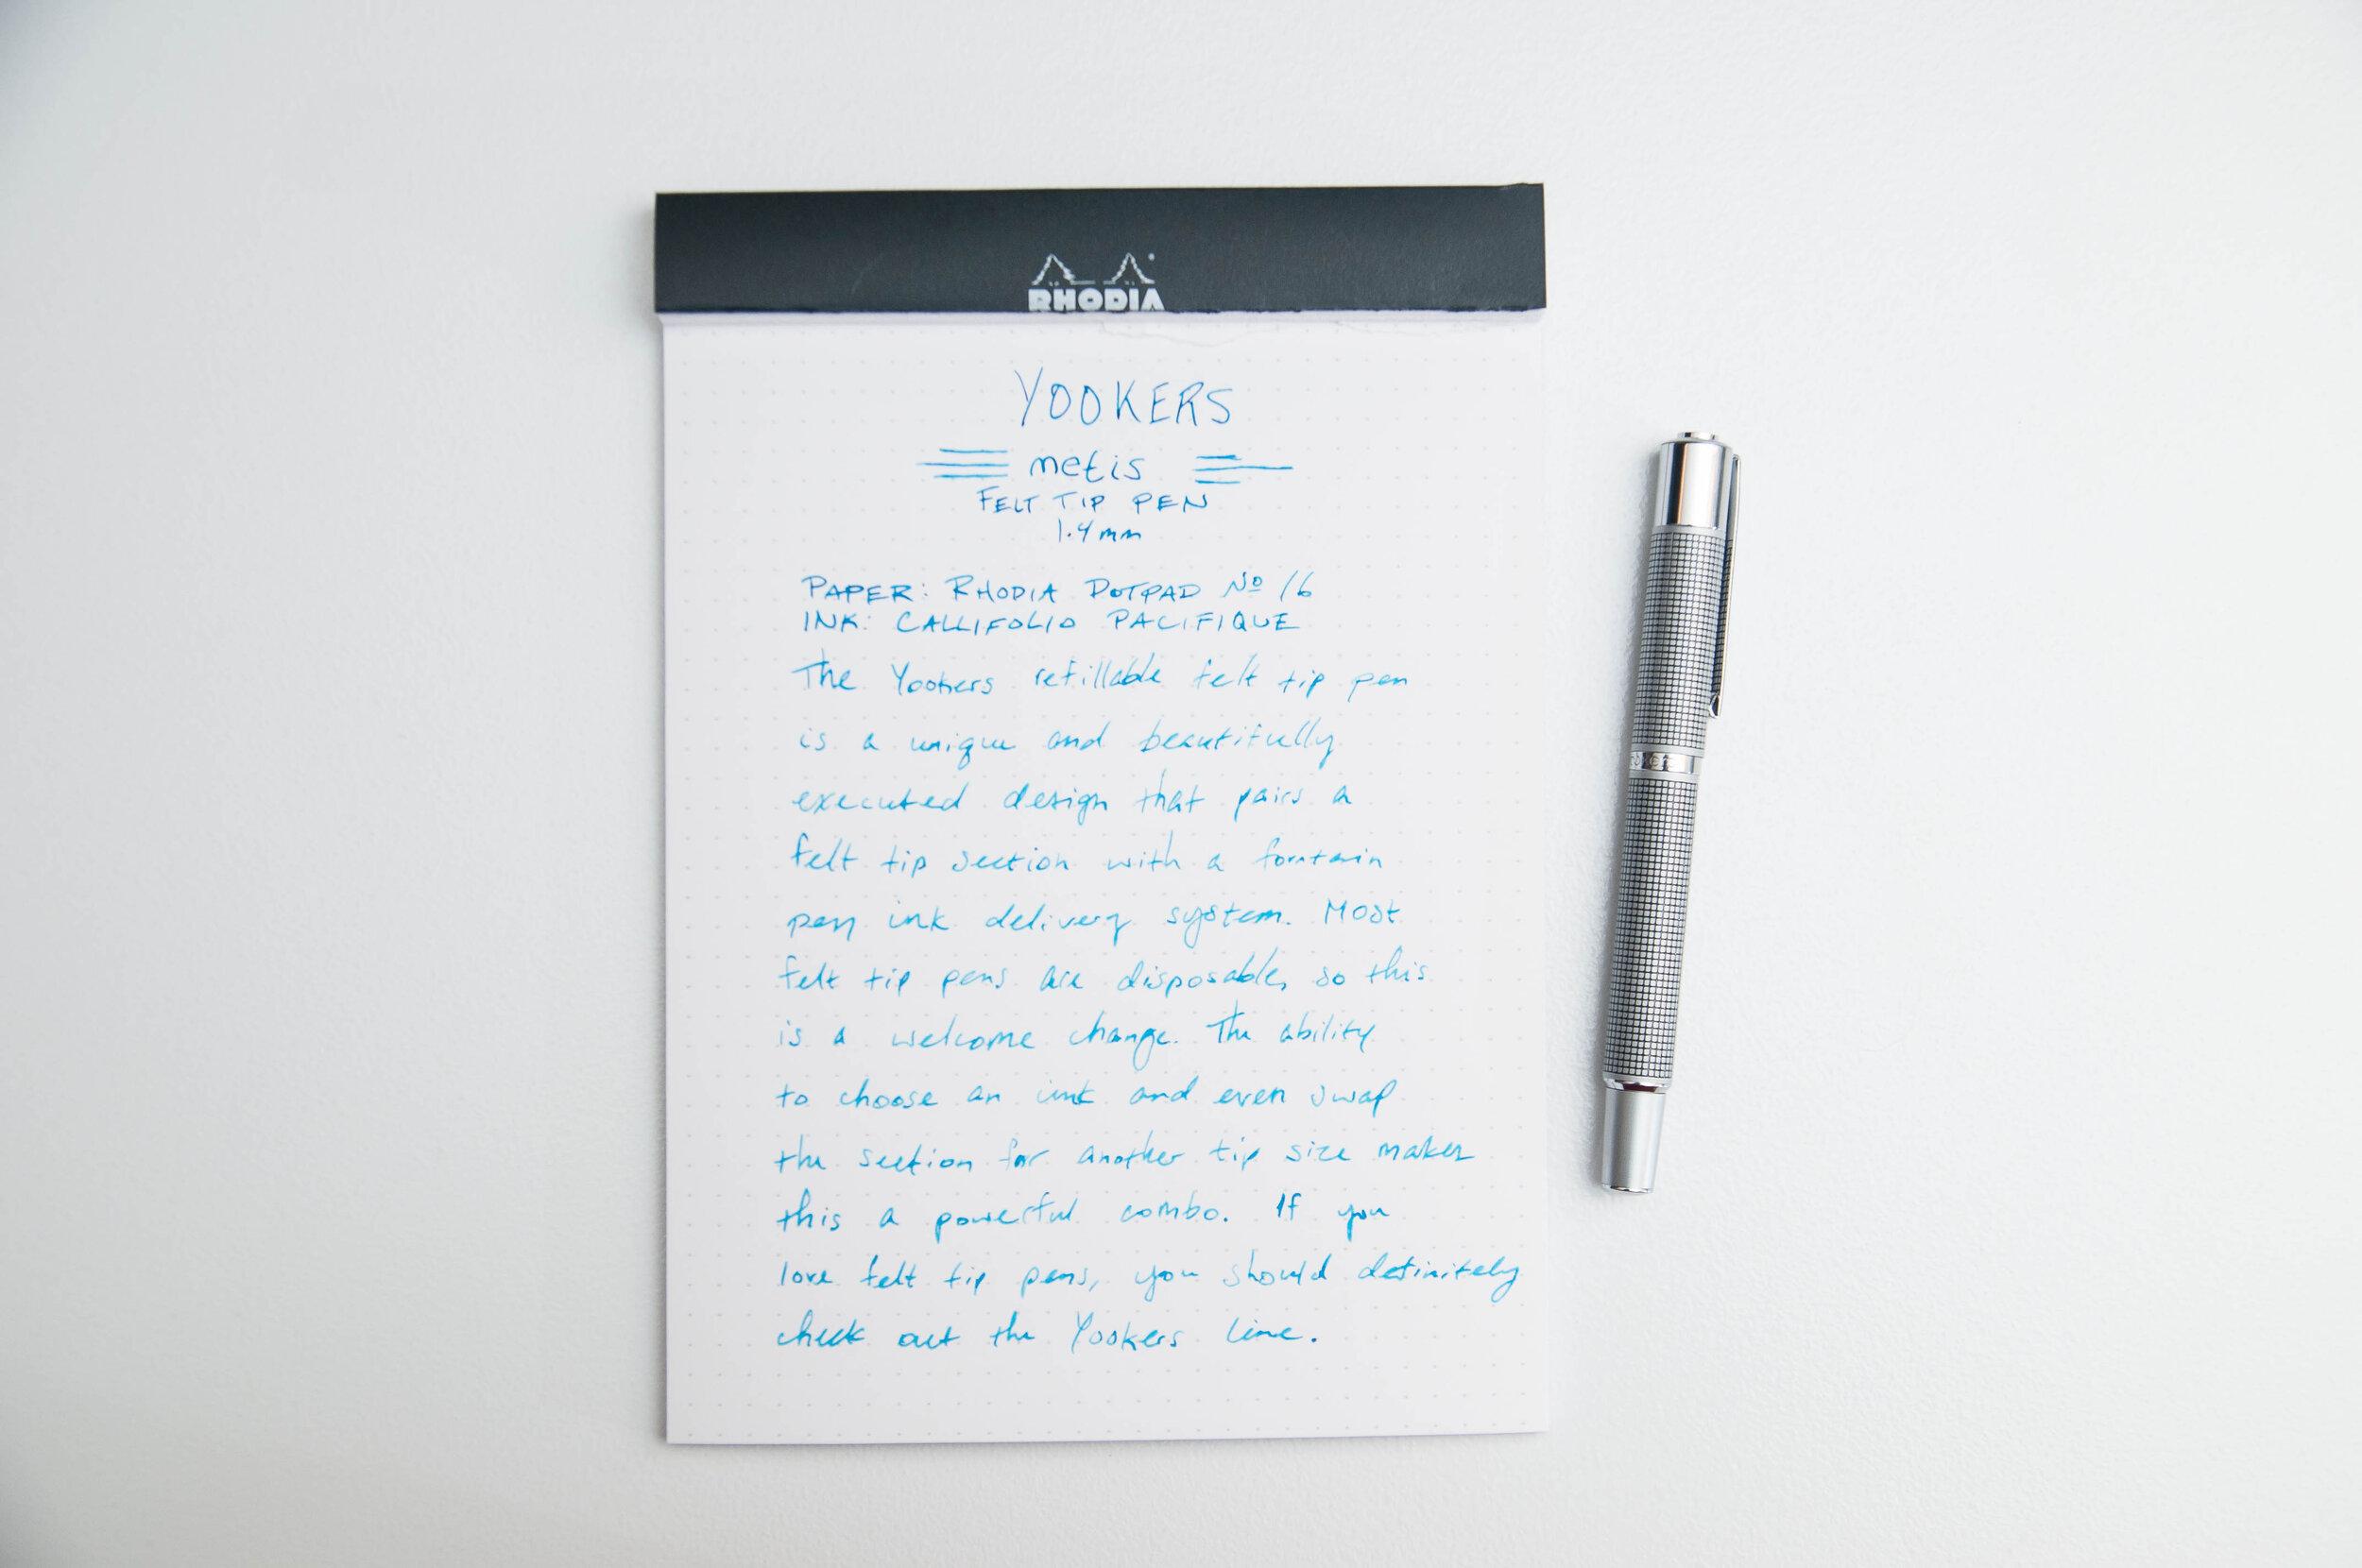 Yookers Metis Felt-tip Pen Writing